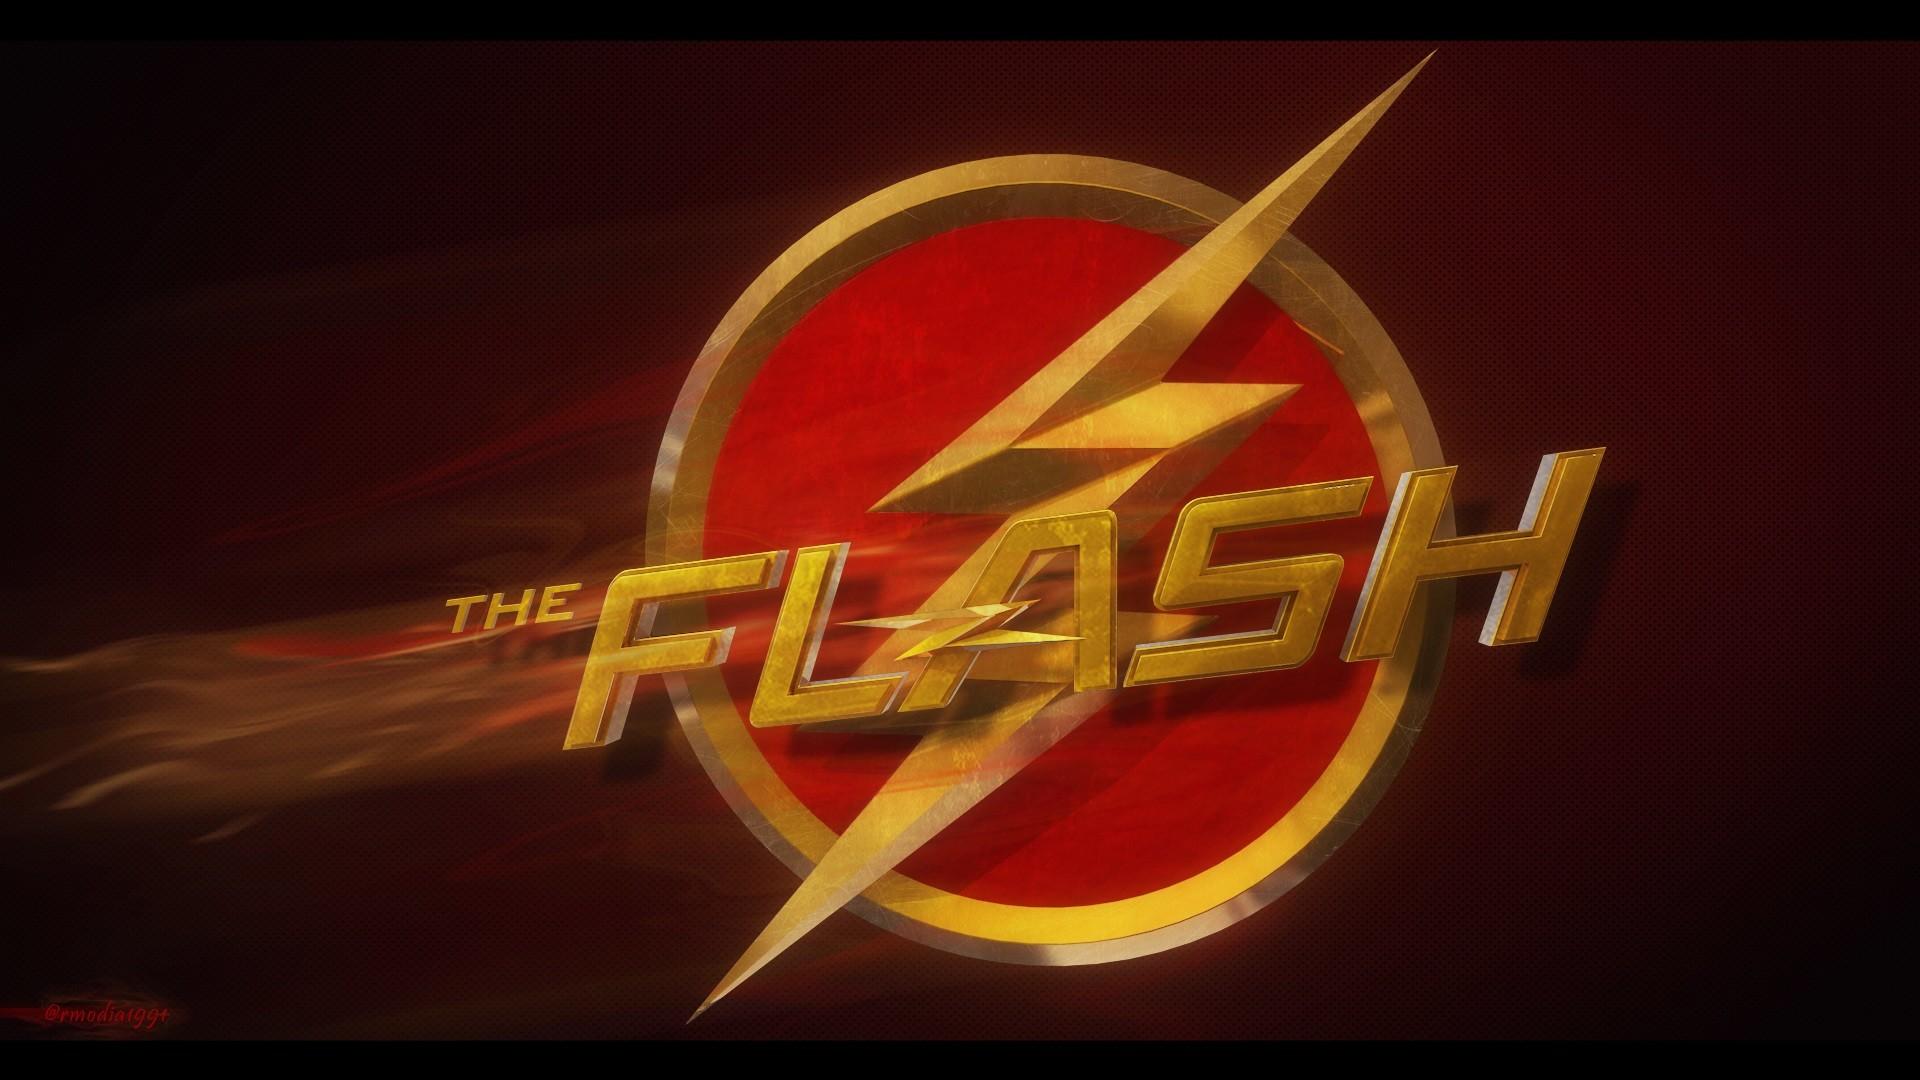 The Flash logo background